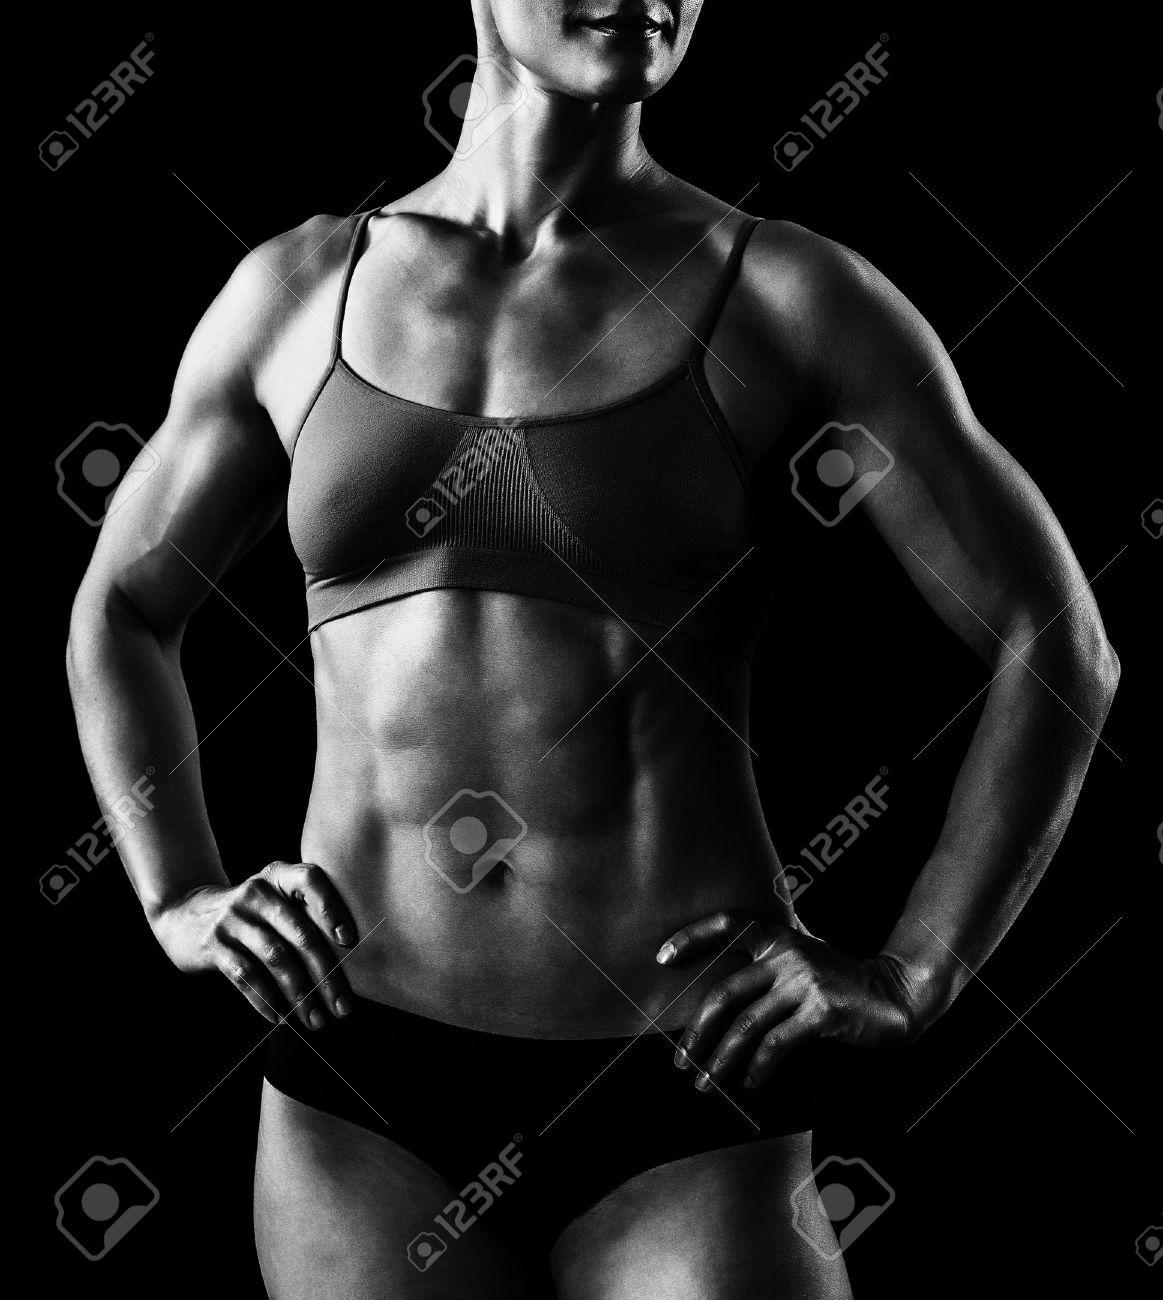 Фото мускулистых девушек в одежде 9 фотография